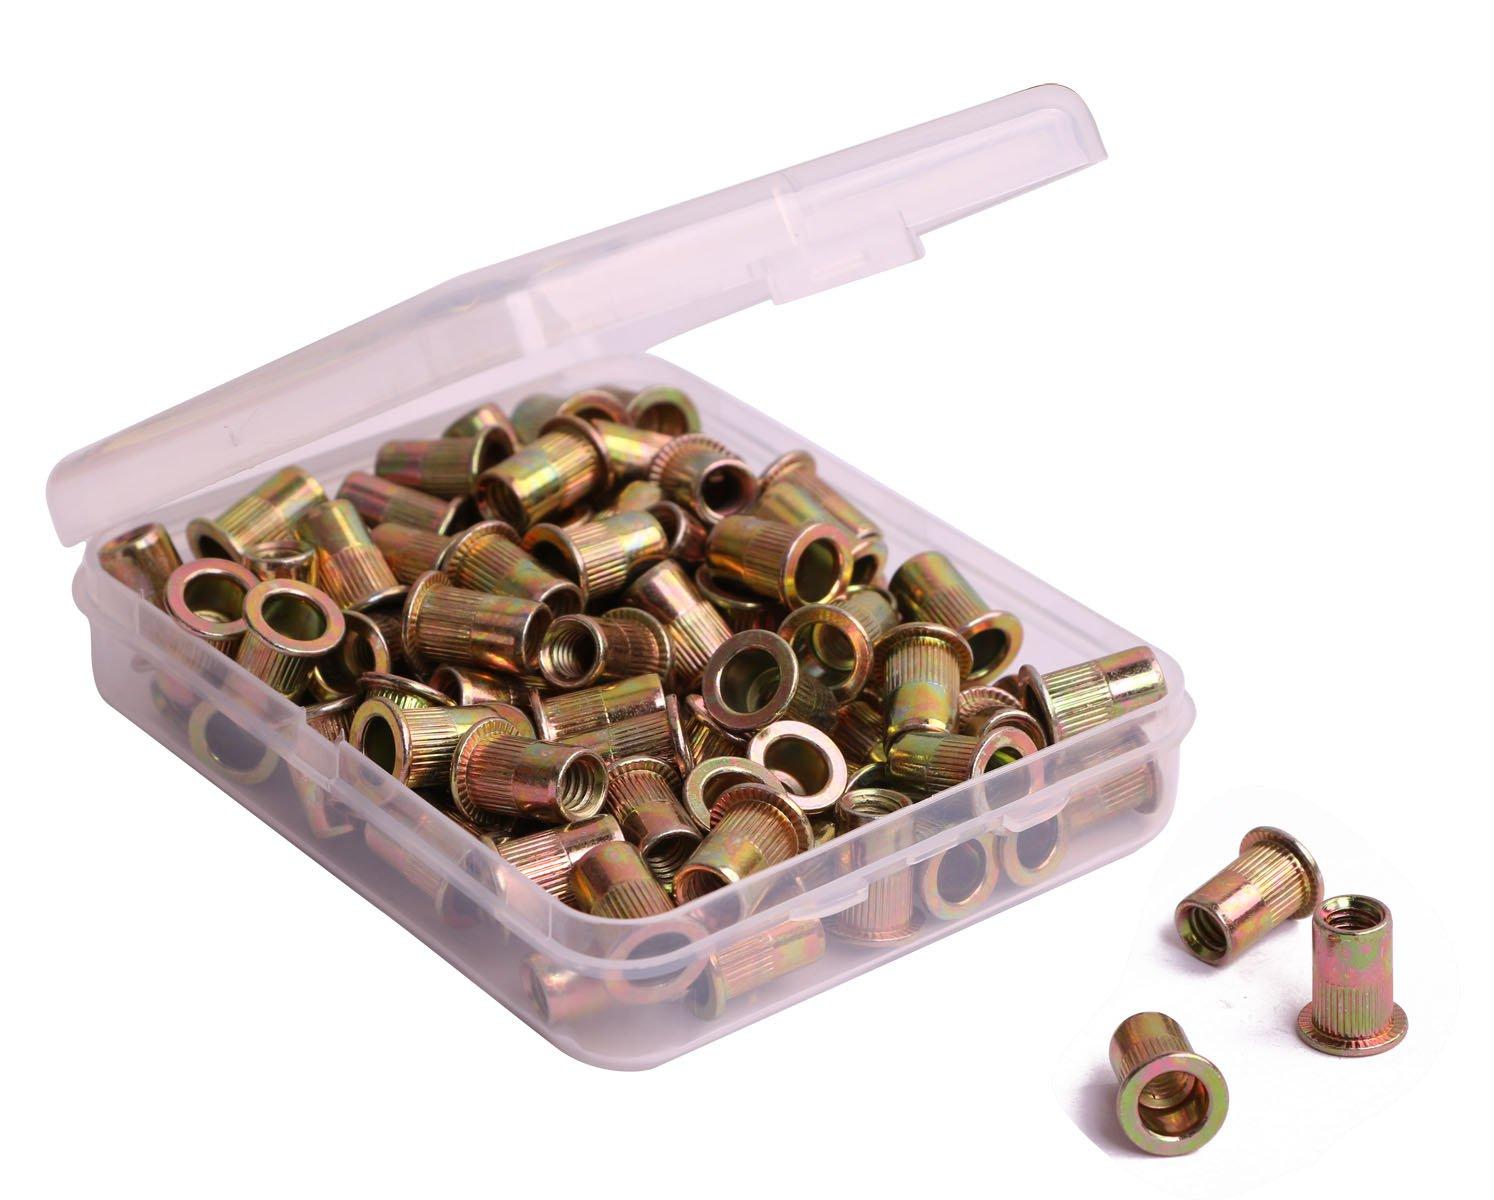 100Pcs Flat Head Steel Rivet Nut Rivnut Insert Nutsert 1//4-20 Zinc Plated Carbon